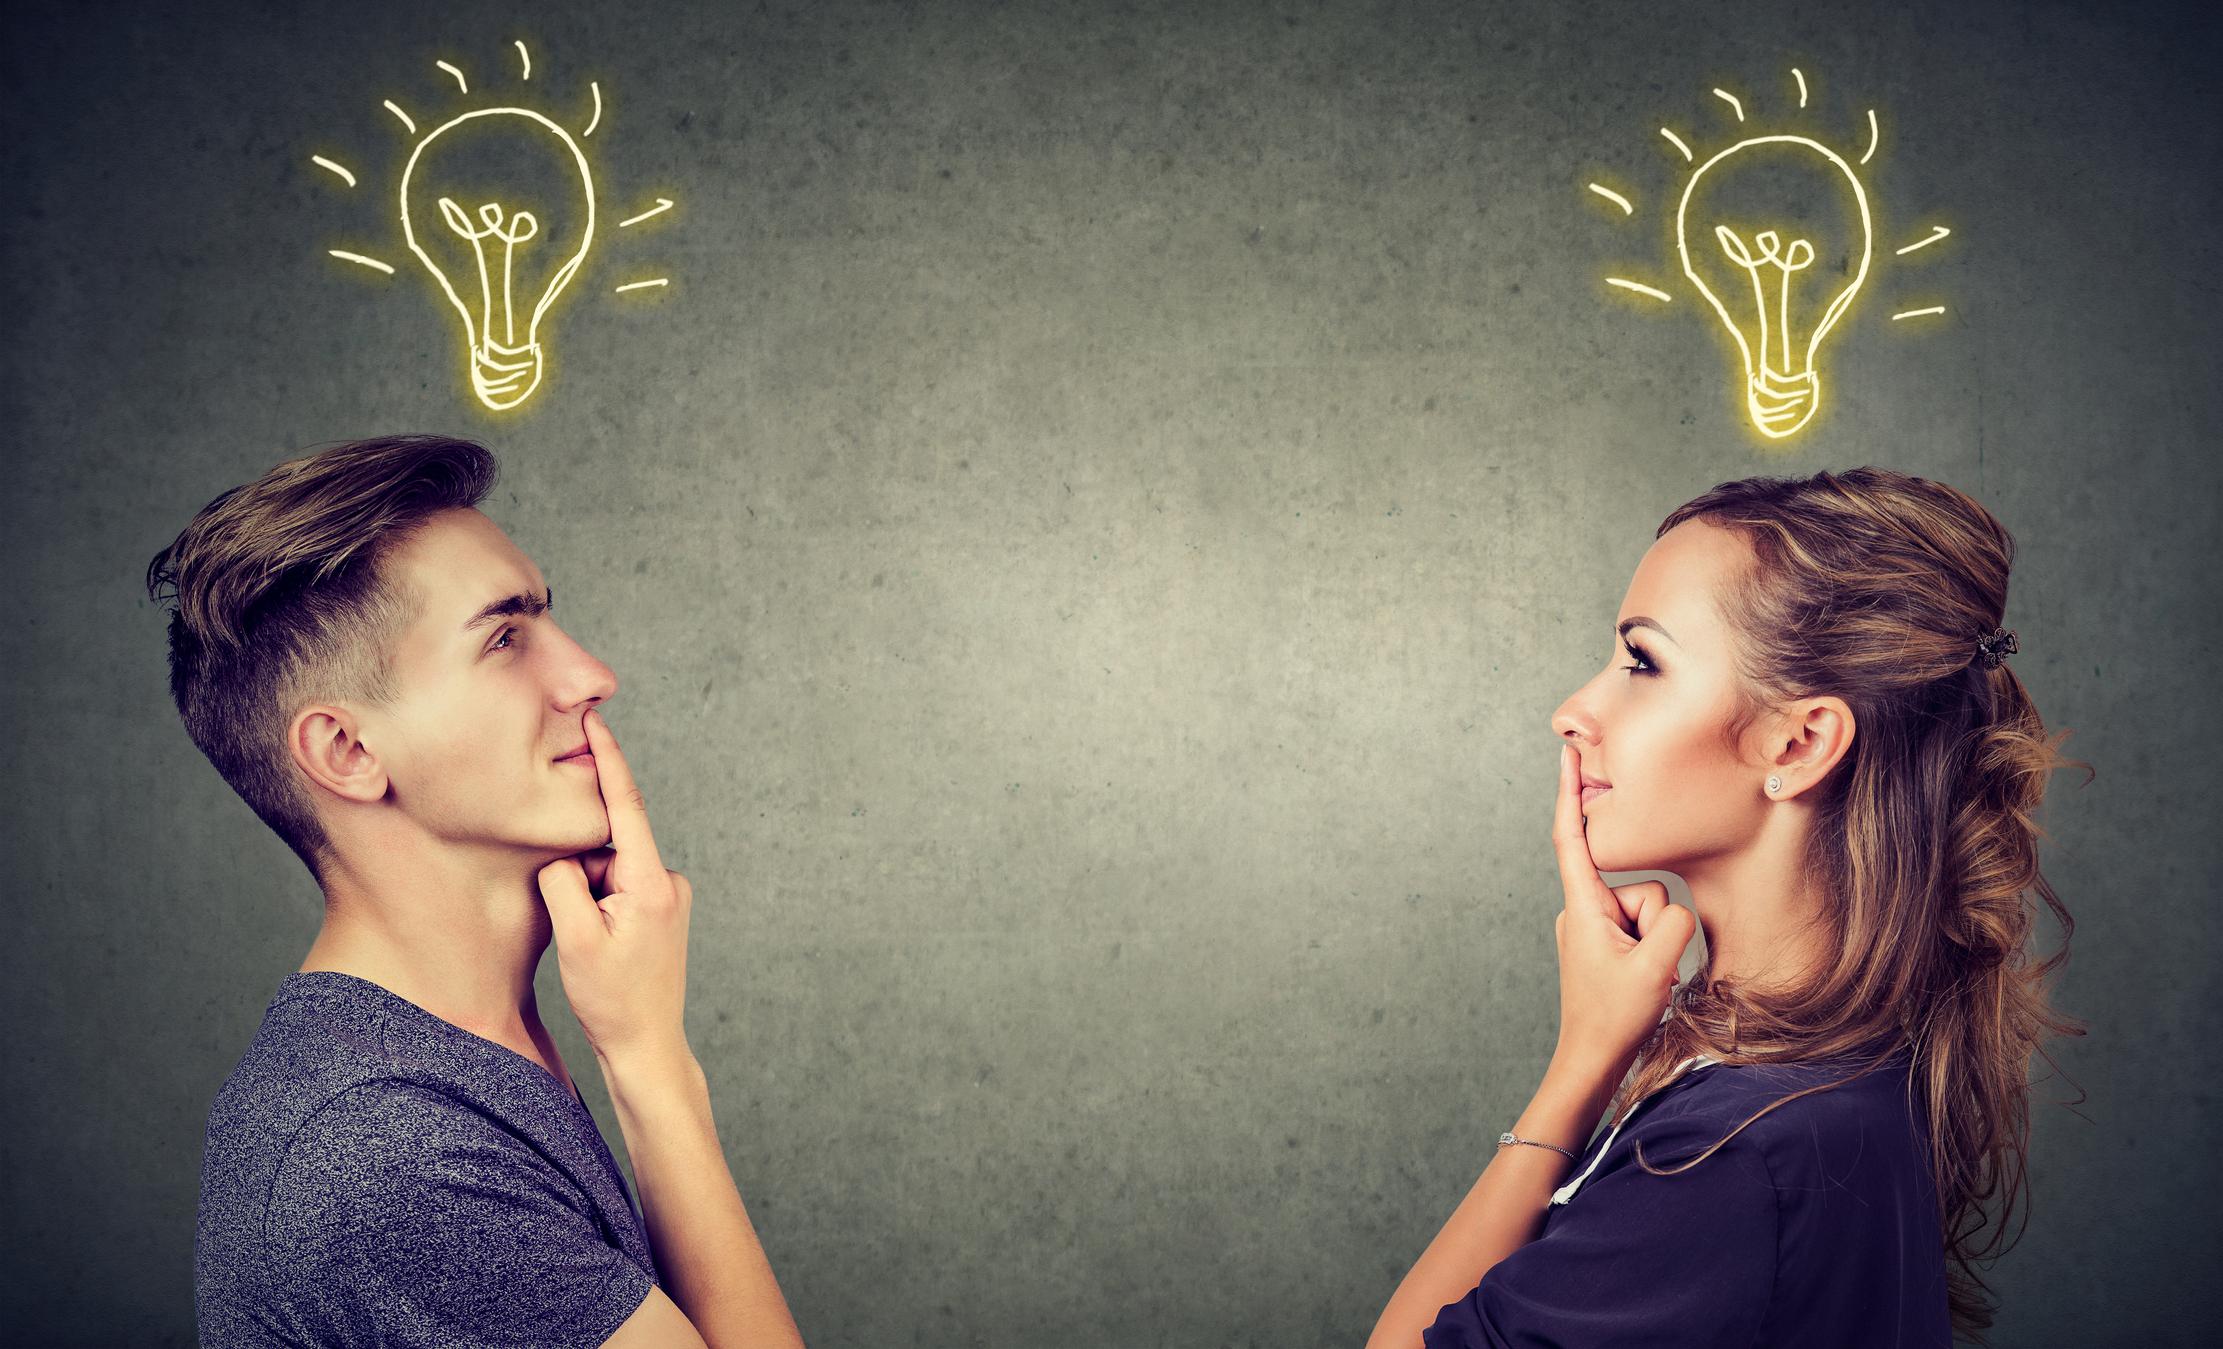 man and woman with an idea bulb